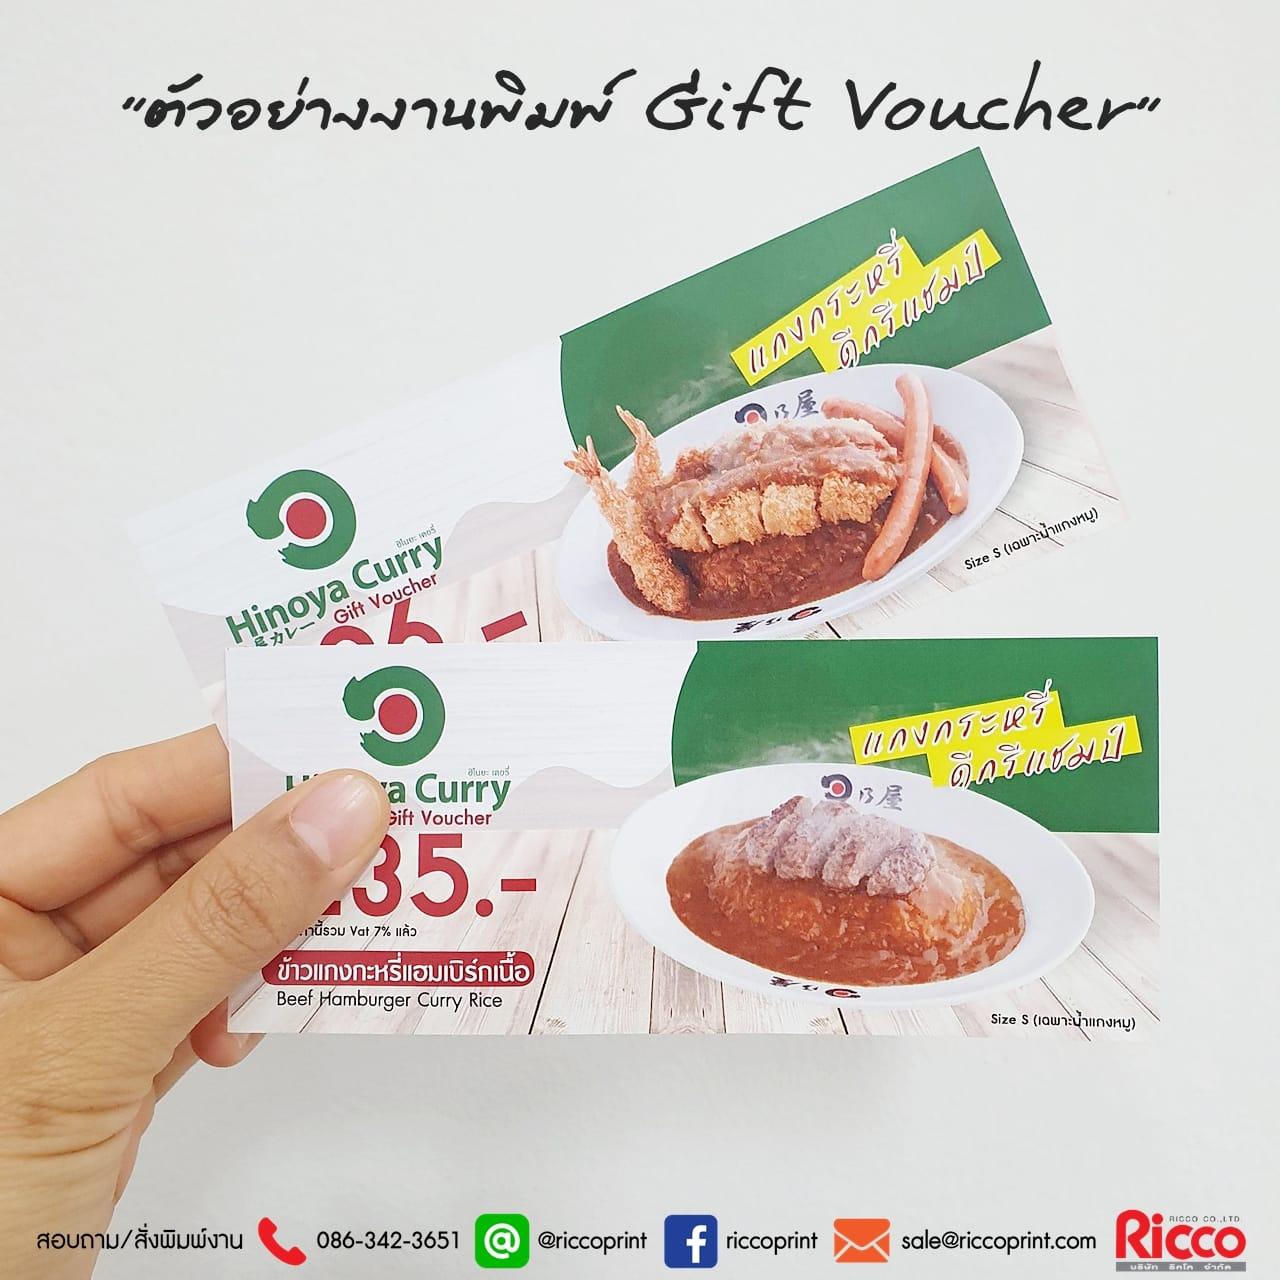 รูป Coupon Gift Voucher 2020 2 - ประกอบเนื้อหา คูปอง บัตรกำนัล ตั๋ว